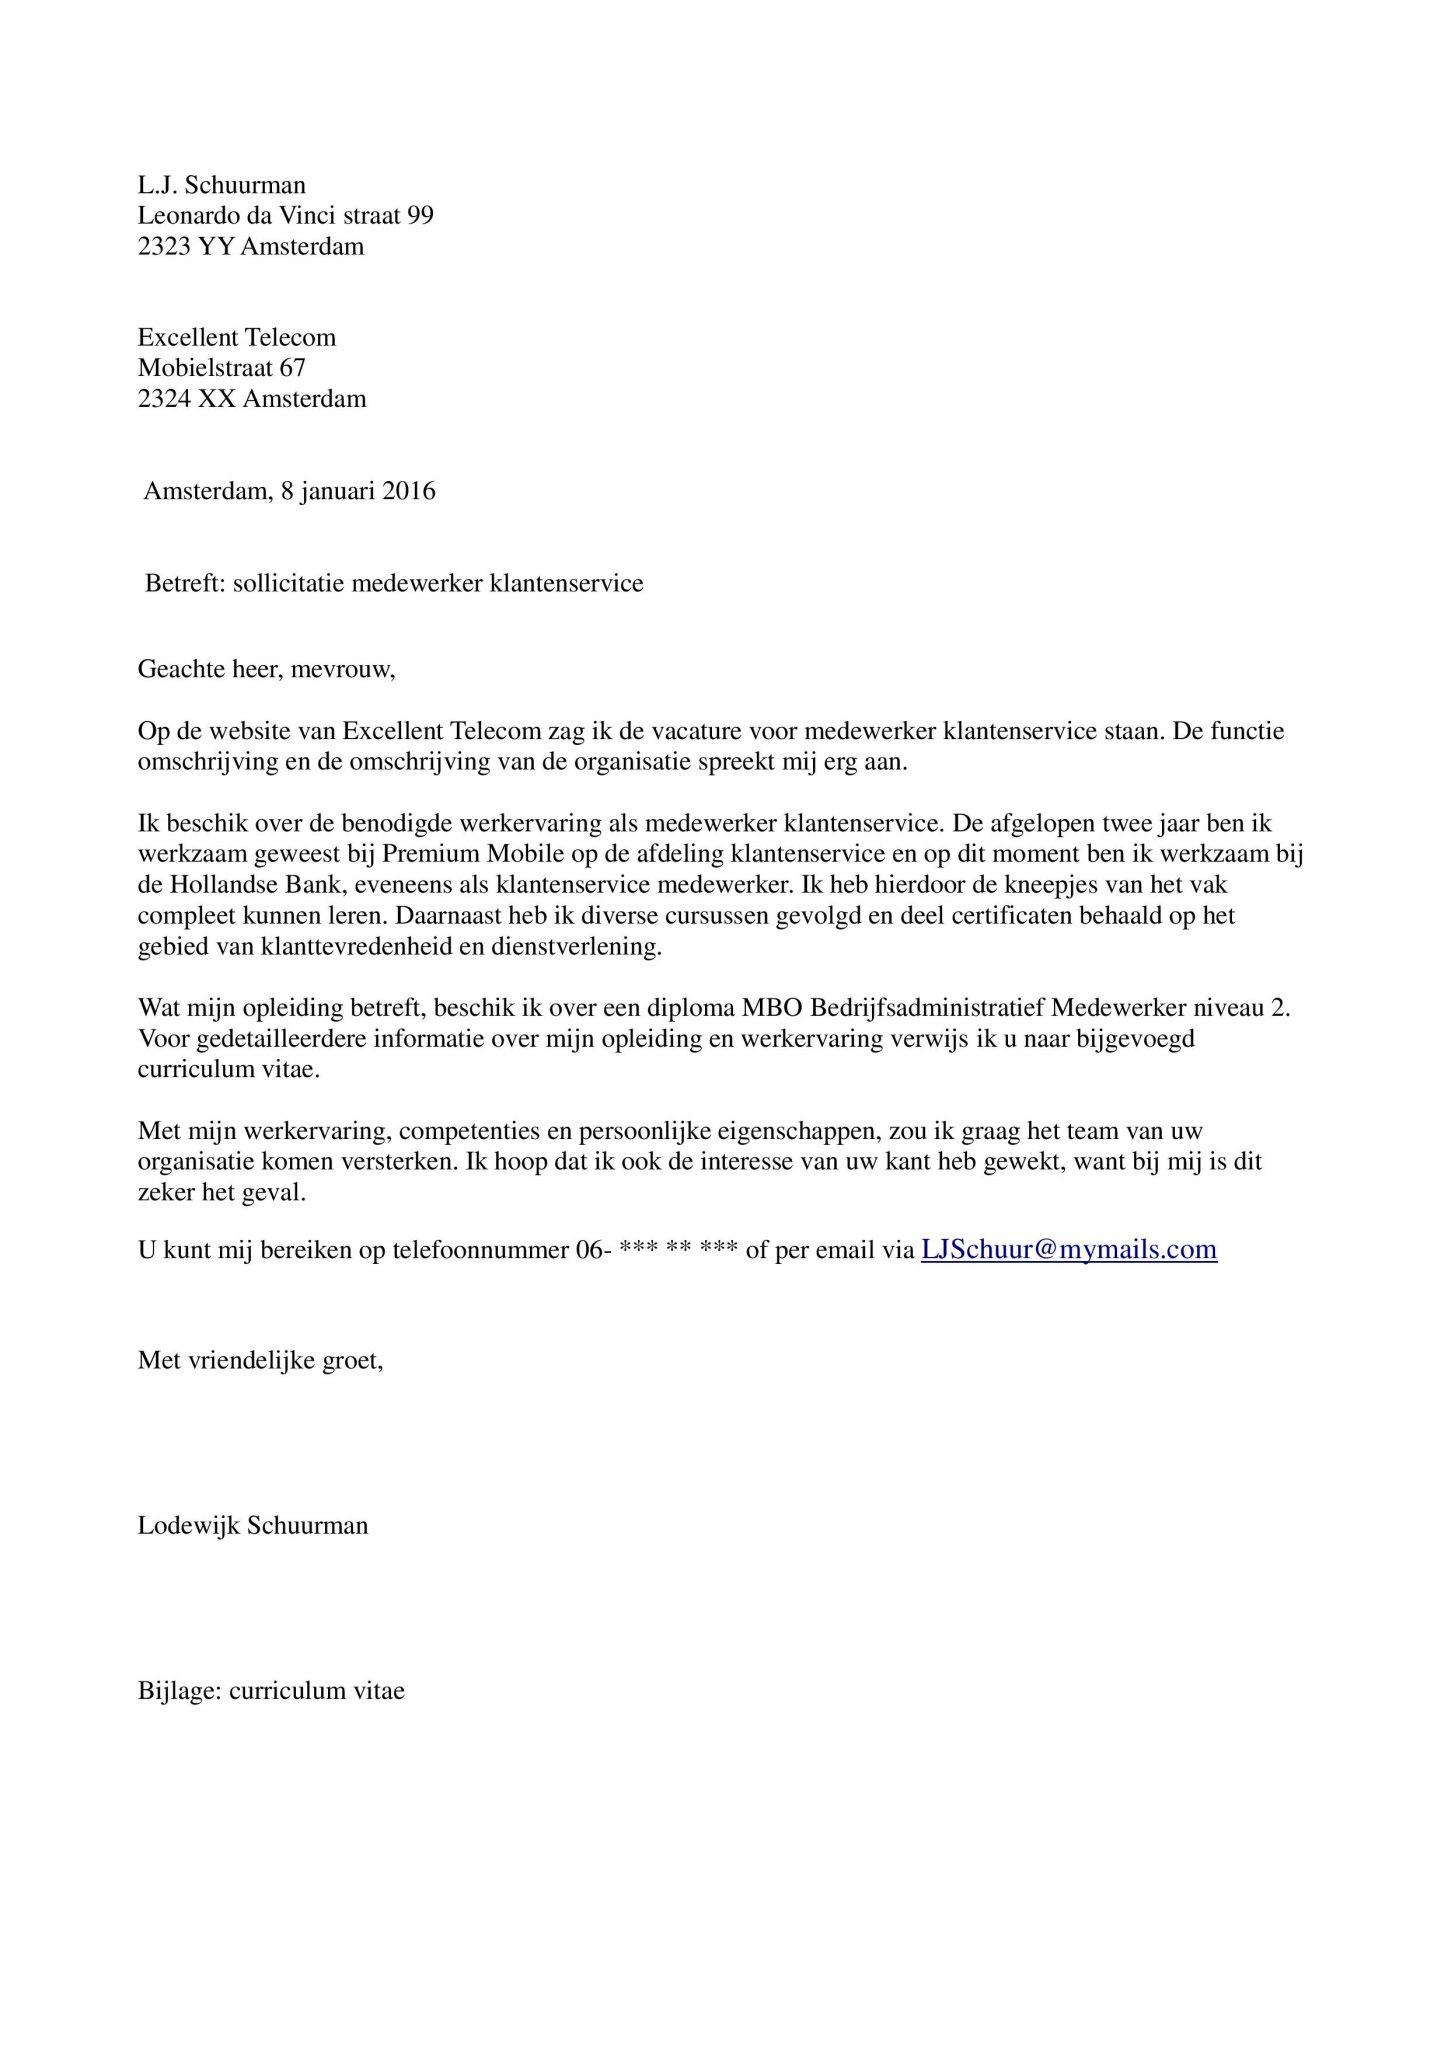 motivatiebrief voorbeeld klantenservice Sollicitatiebrief klantenservice (callcenter)   Sollicitatiebijbel.nl